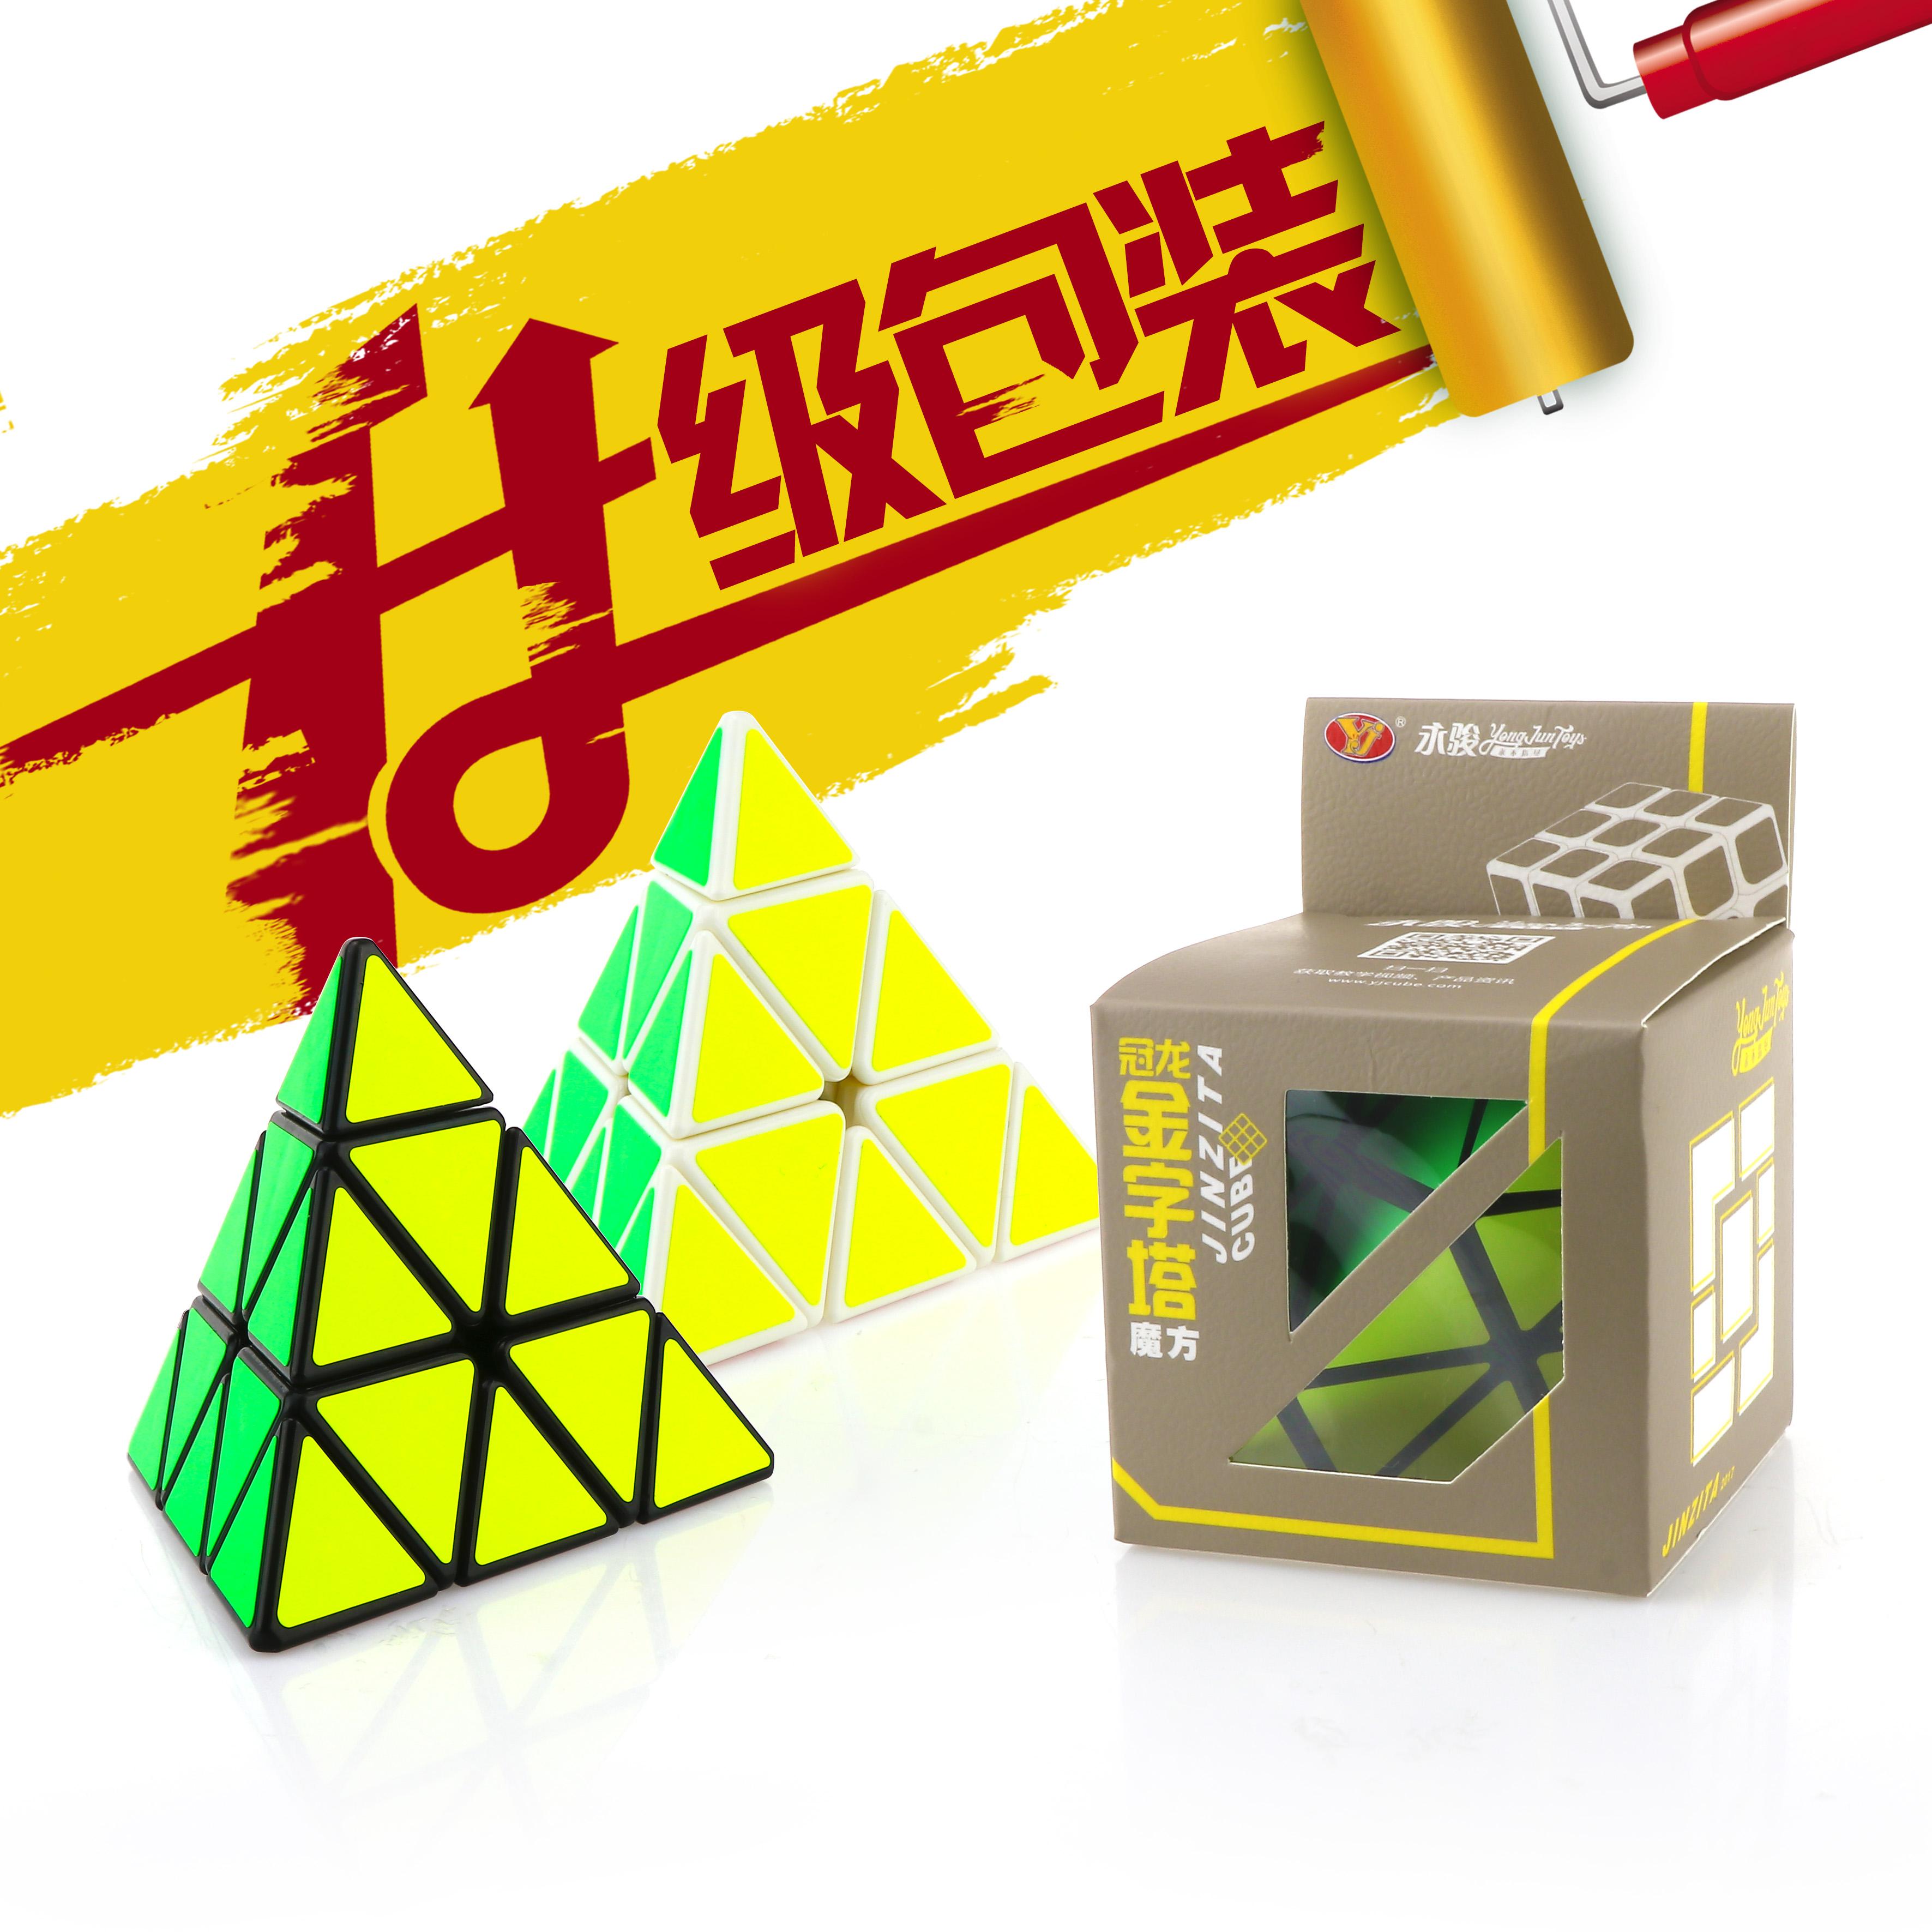 FO 永駿 冠龍 金字塔 魔術方塊 三階 異形玩具 3階 速解 魔方 益智玩具 pyraminx 黑色